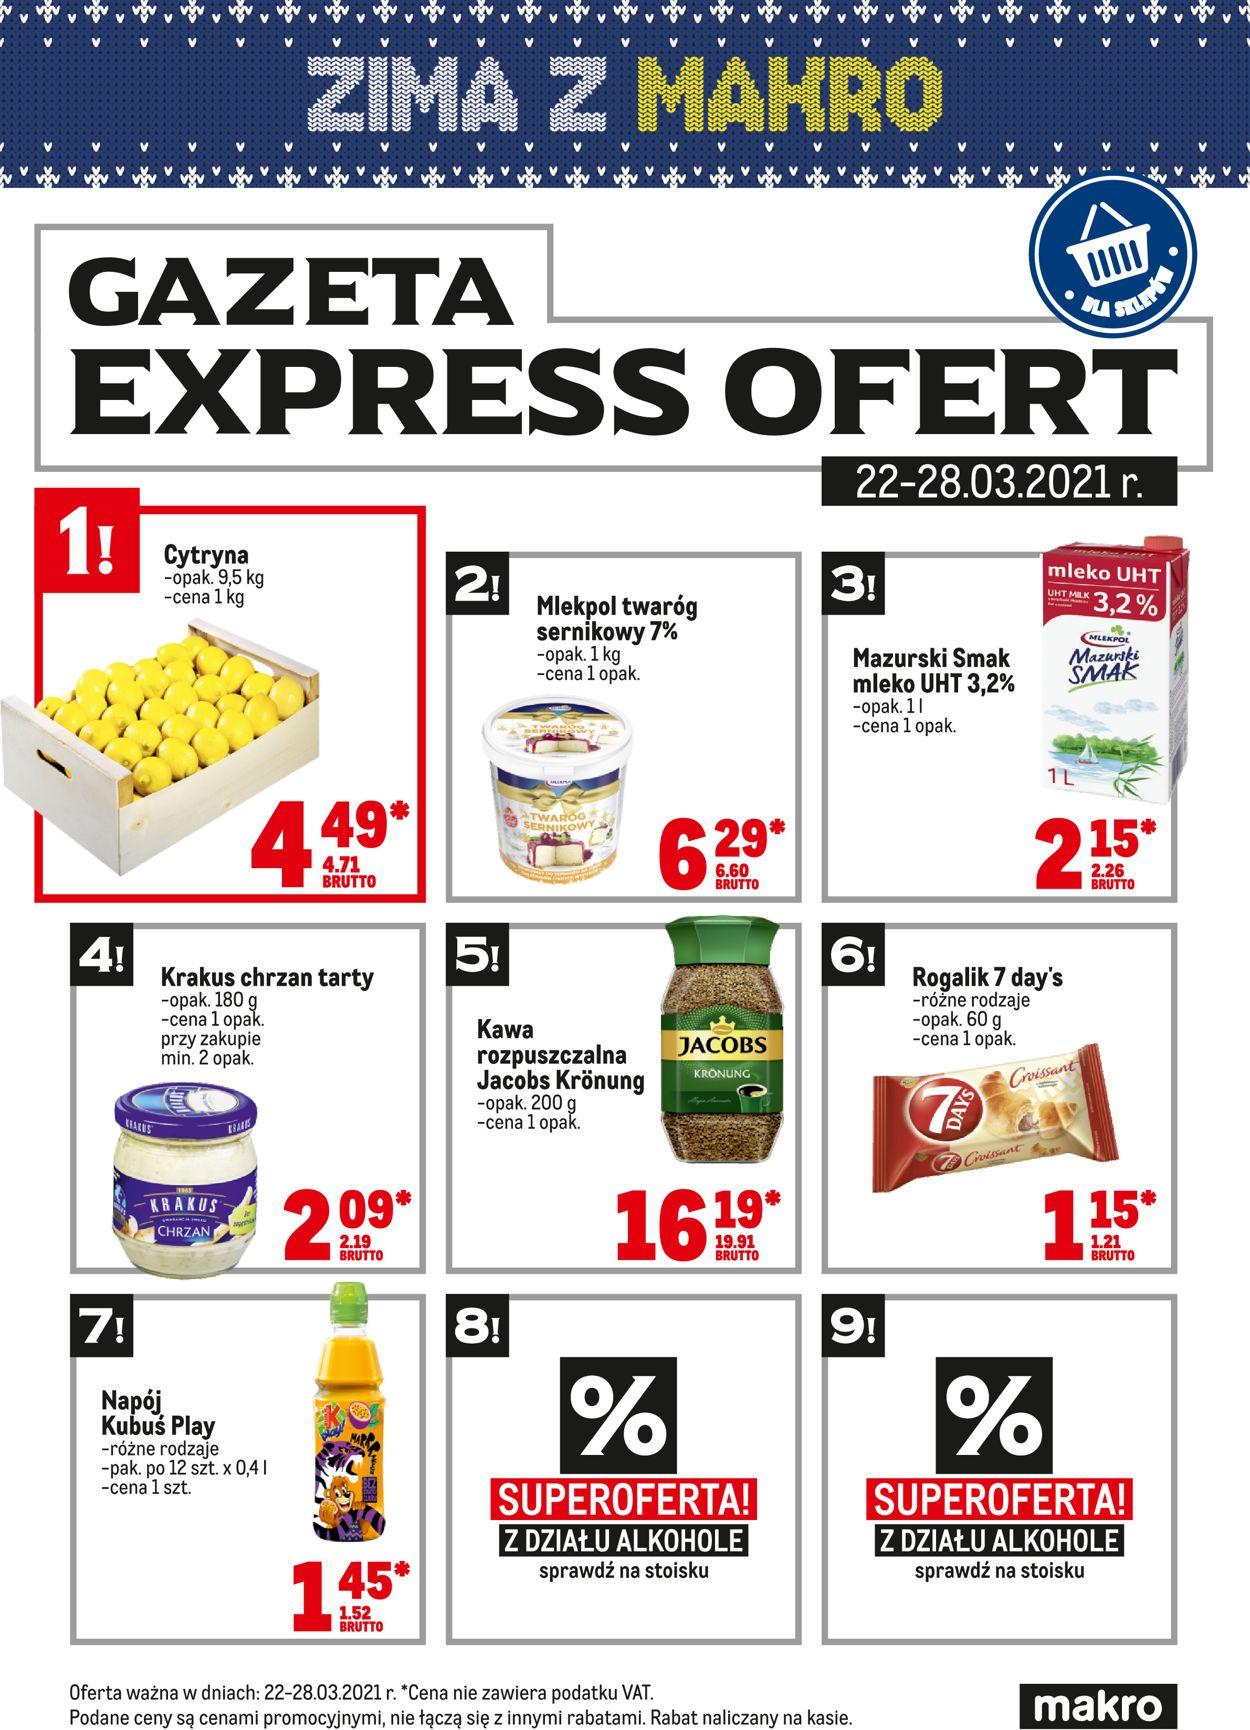 Gazetka promocyjna Makro Express ofert - 22.03-28.03.2021